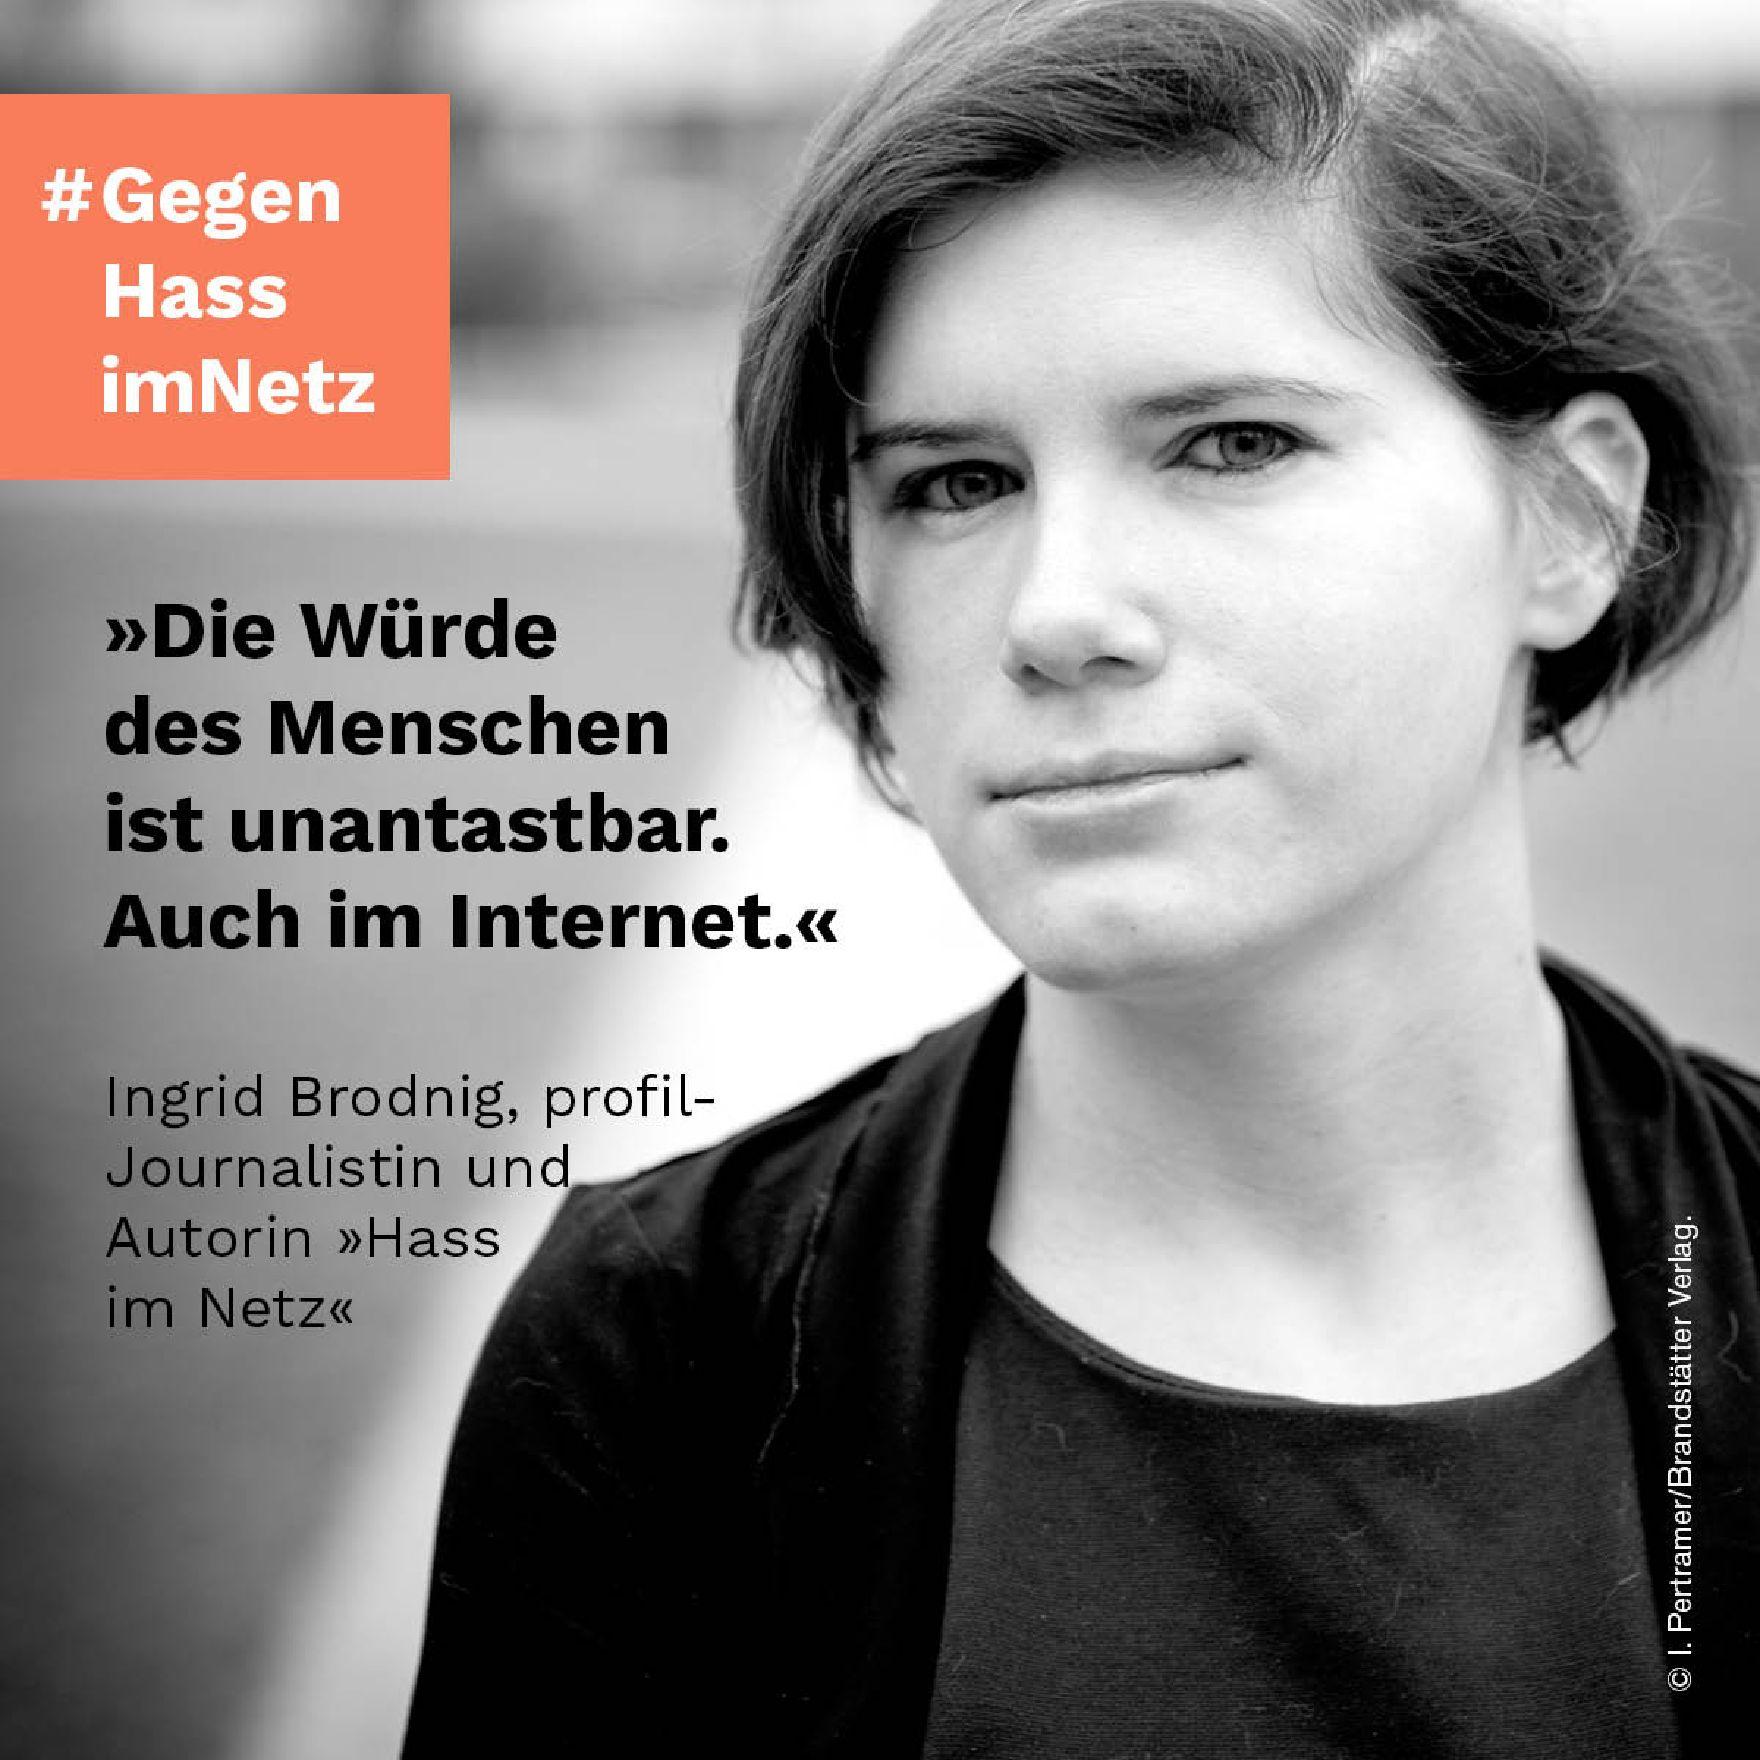 Poster der Plakatreihe #Gegen Hass im Netz mit Ingrid Brodnig.